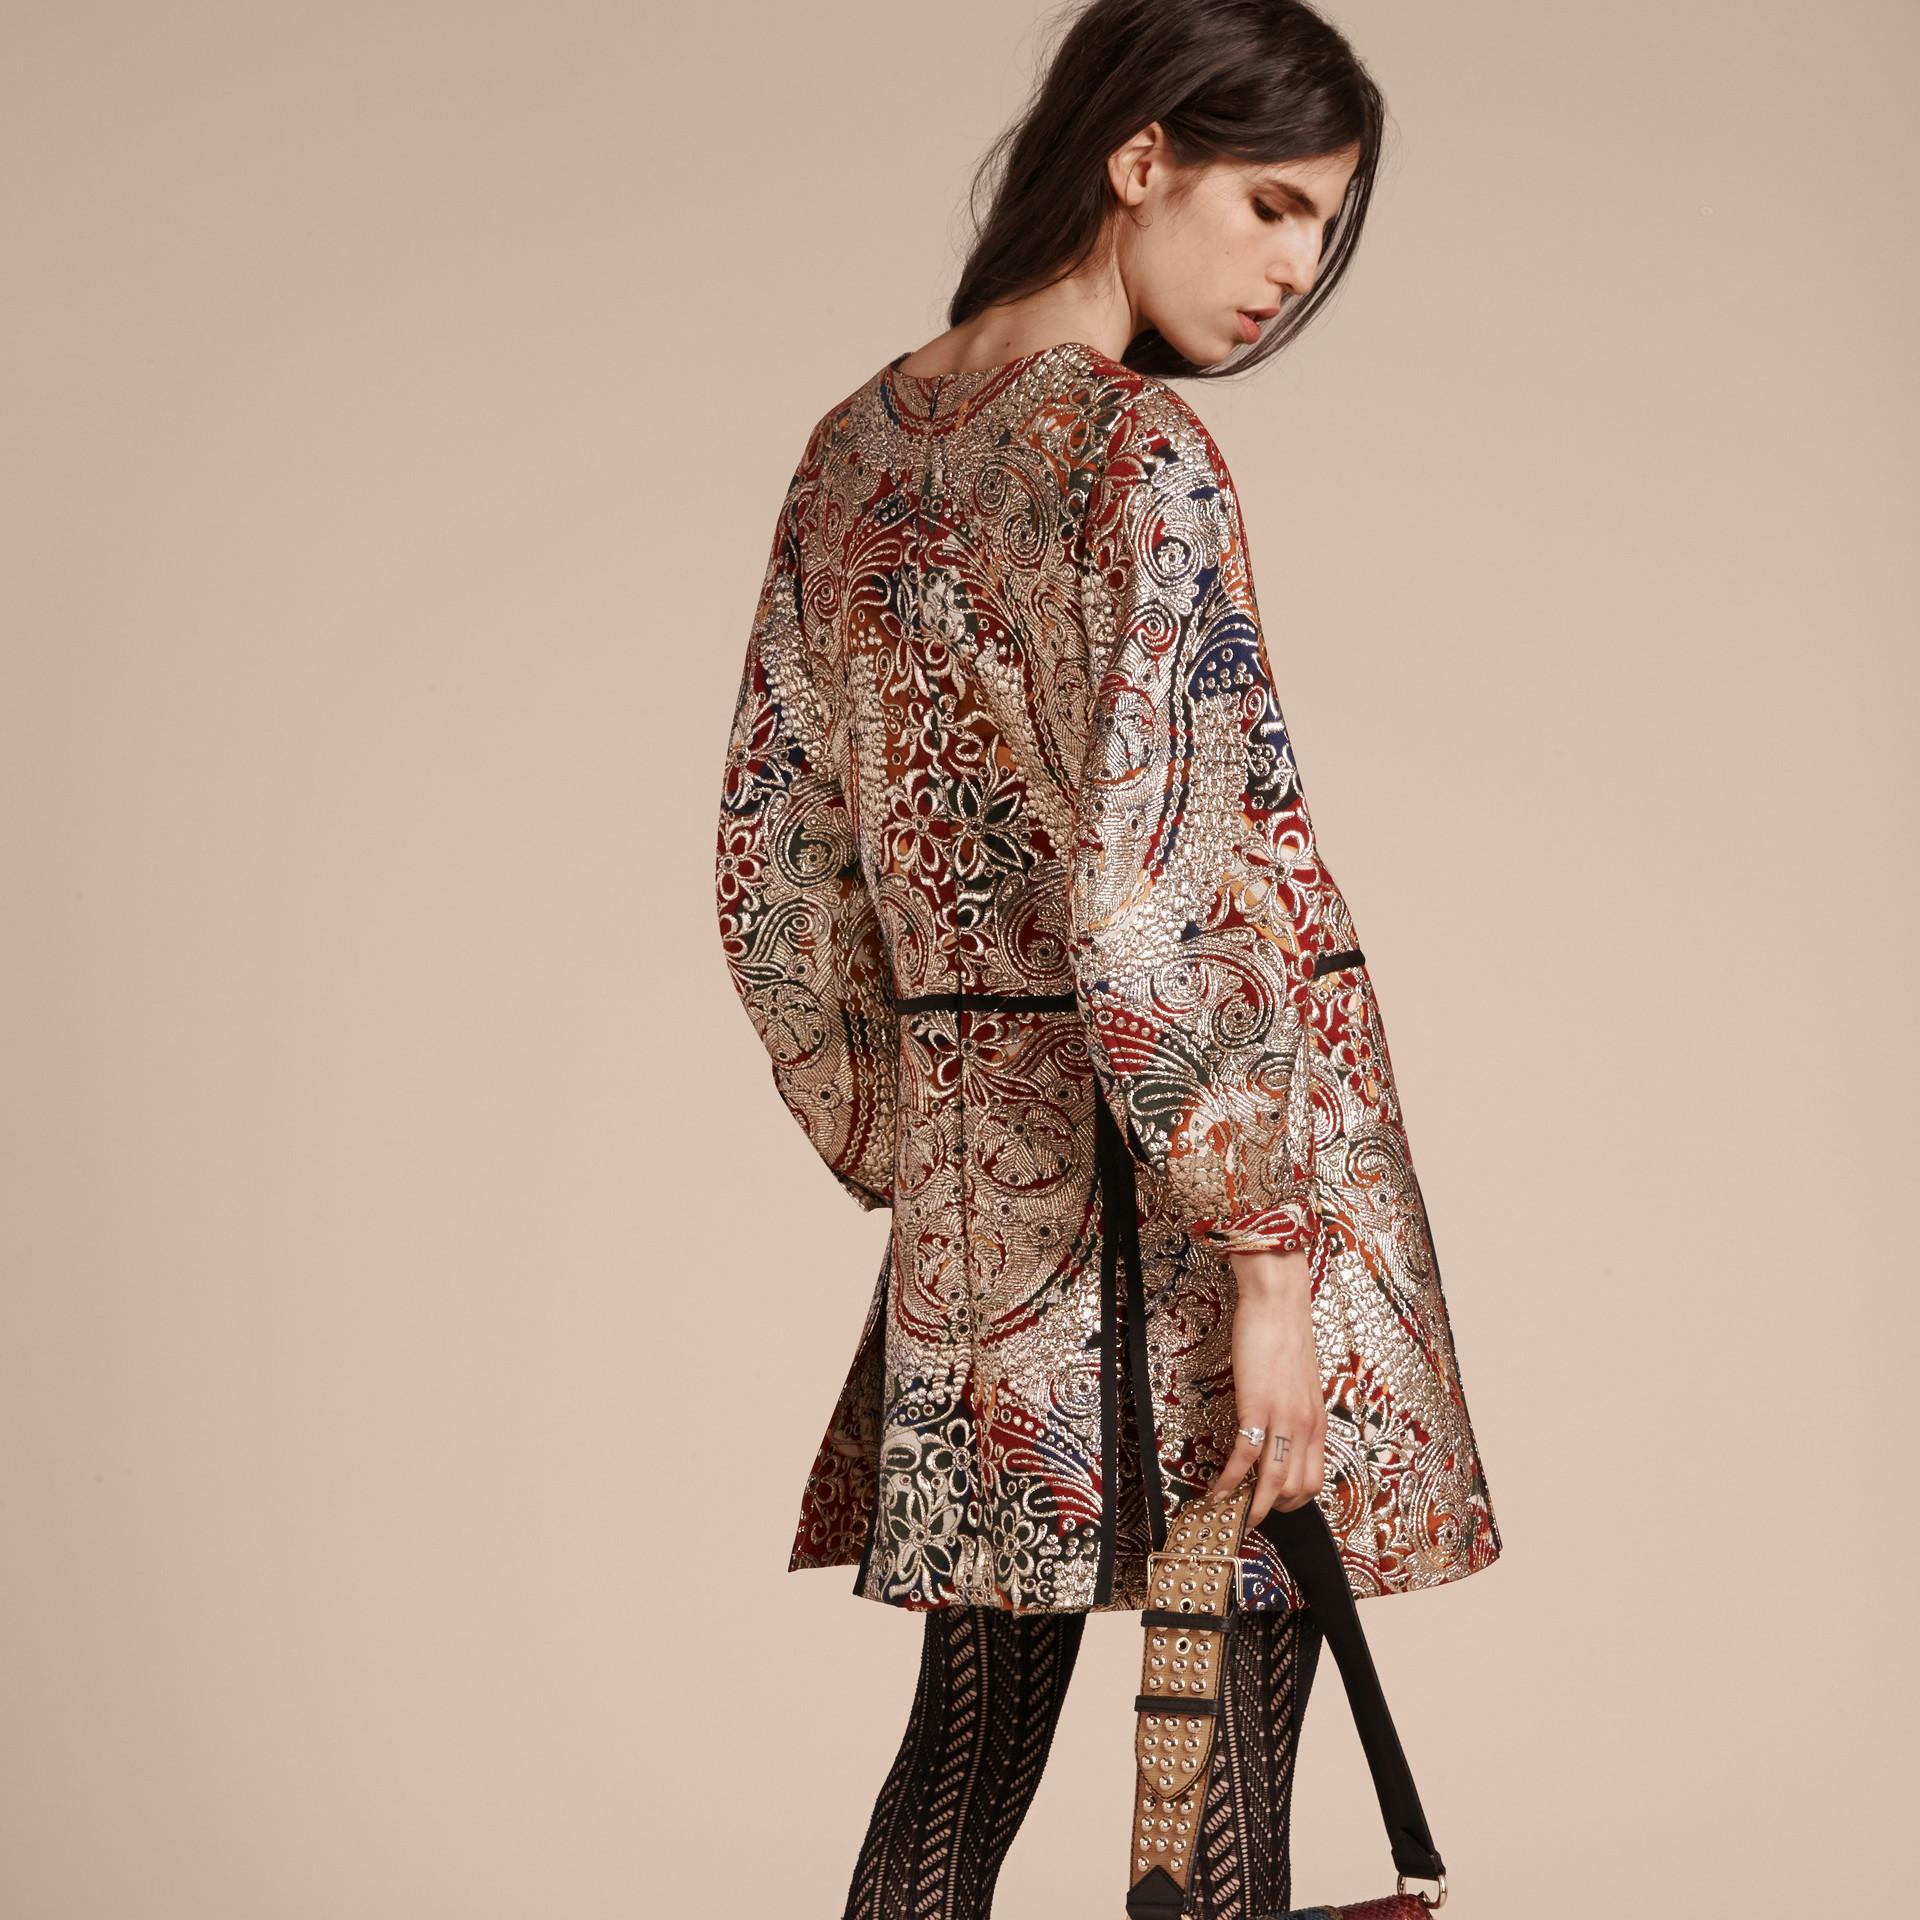 Brun roux Robe à manches sculpturales avec motif floral métallisé en jacquard - photo de la galerie 3